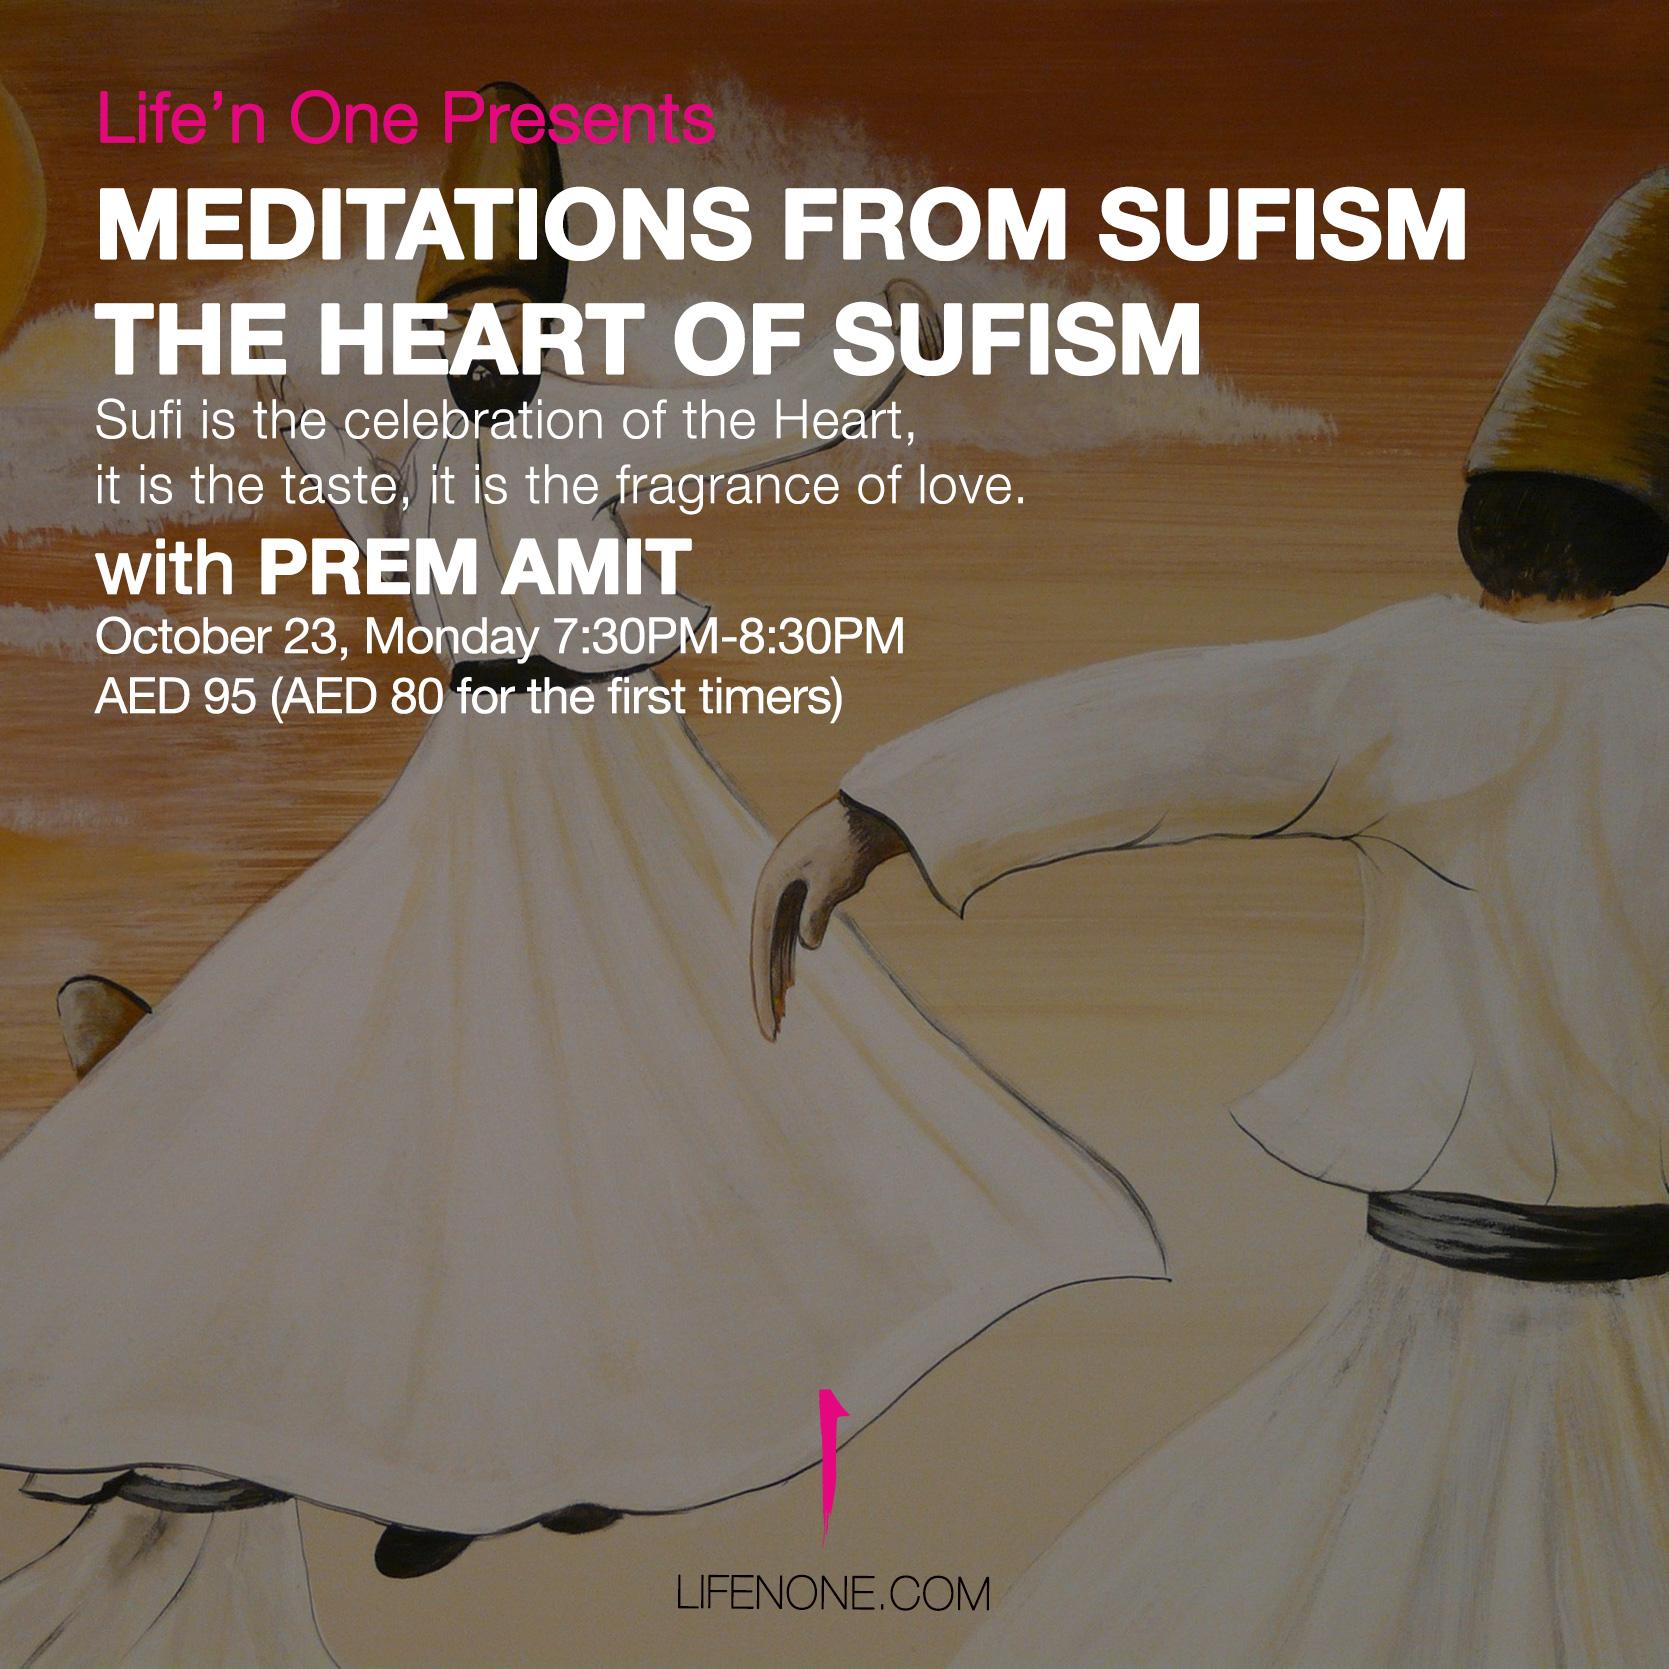 sufism-heart.jpg